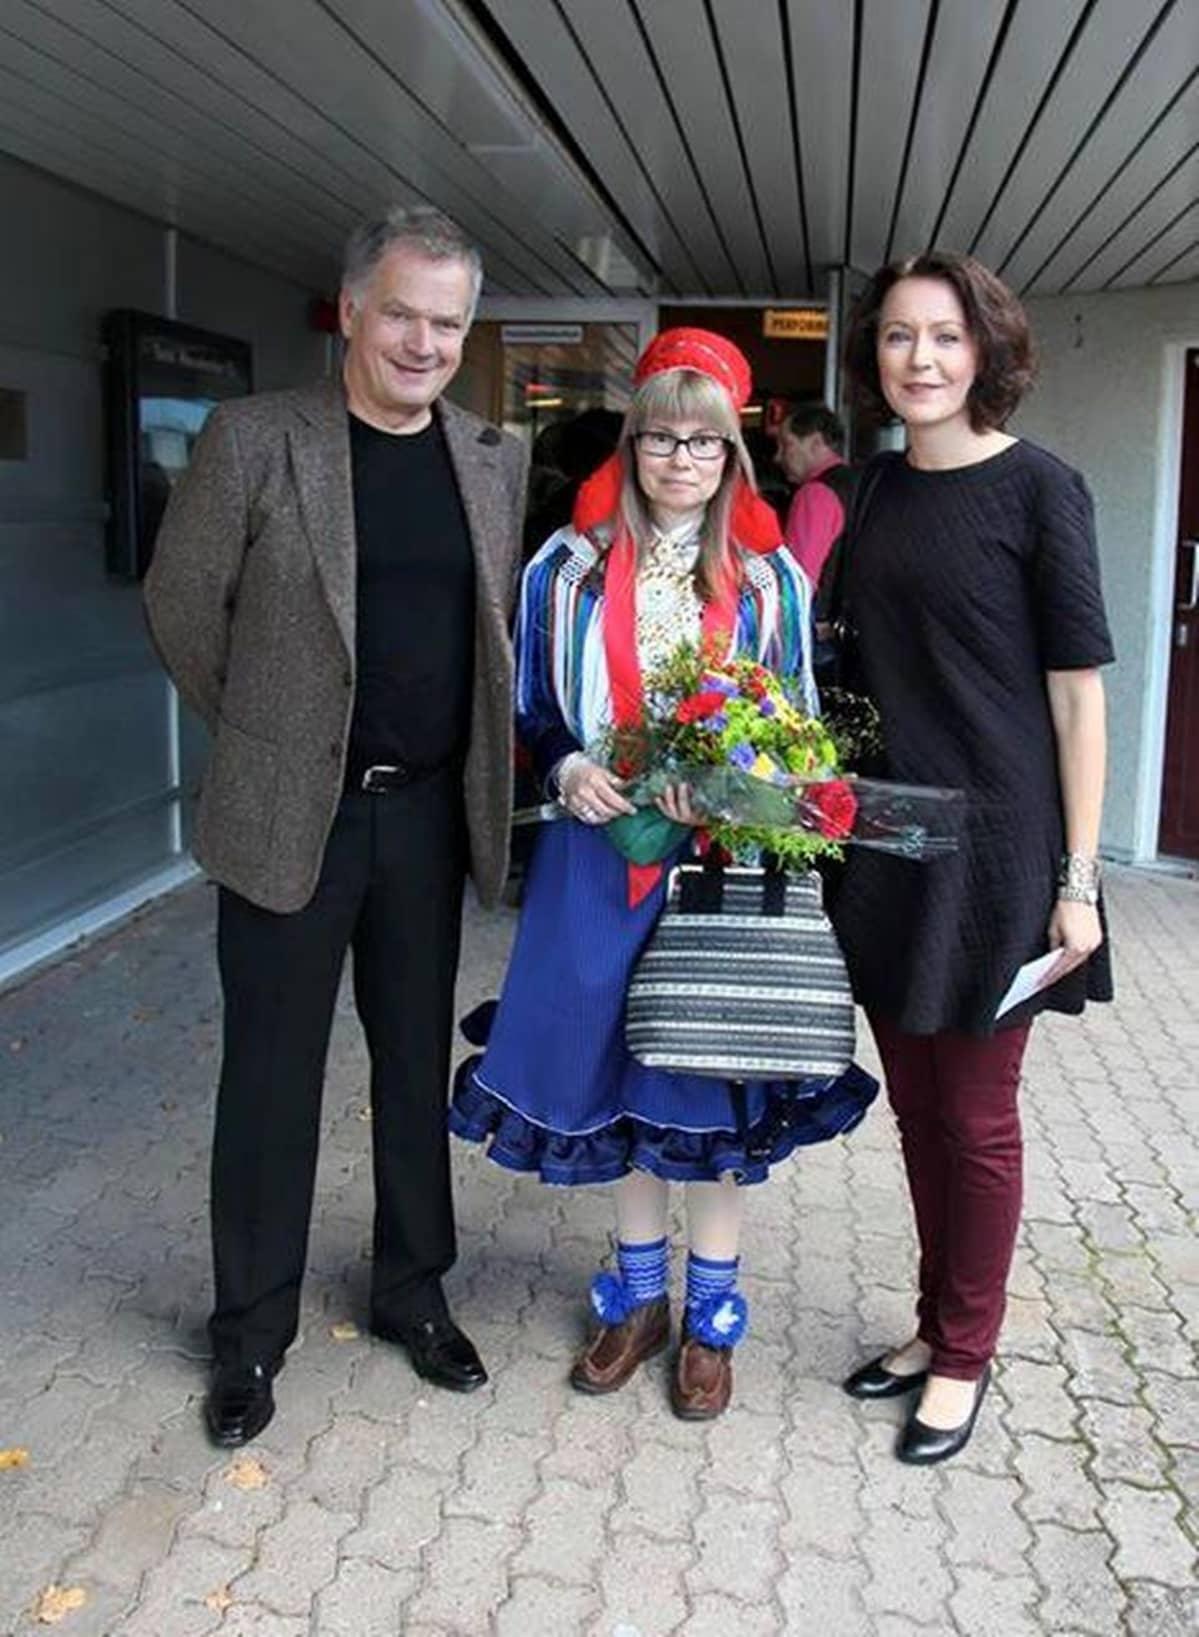 Sauli Niinistö, Outi Länsman ja Jenni Haukio Turku girjemeassuin 2015.